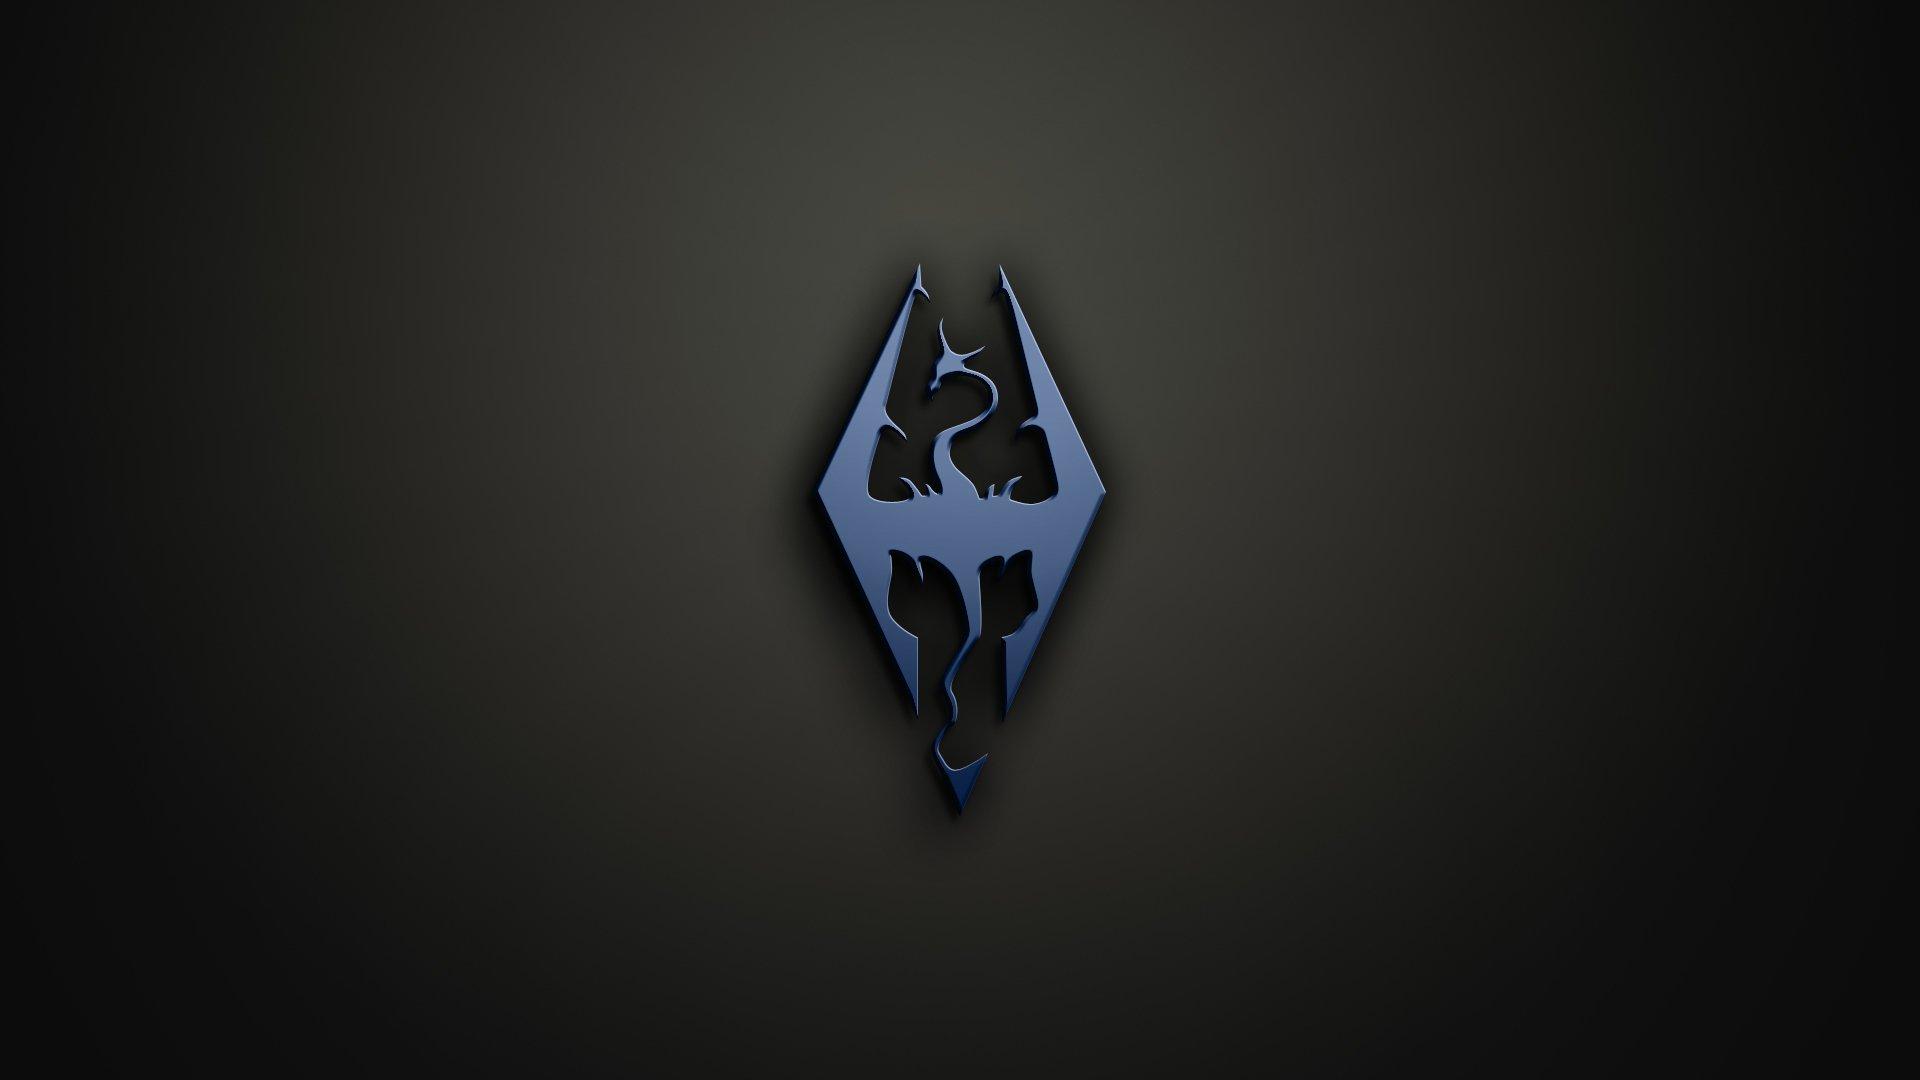 The Elder Scrolls V: Skyrim Full HD Wallpaper And